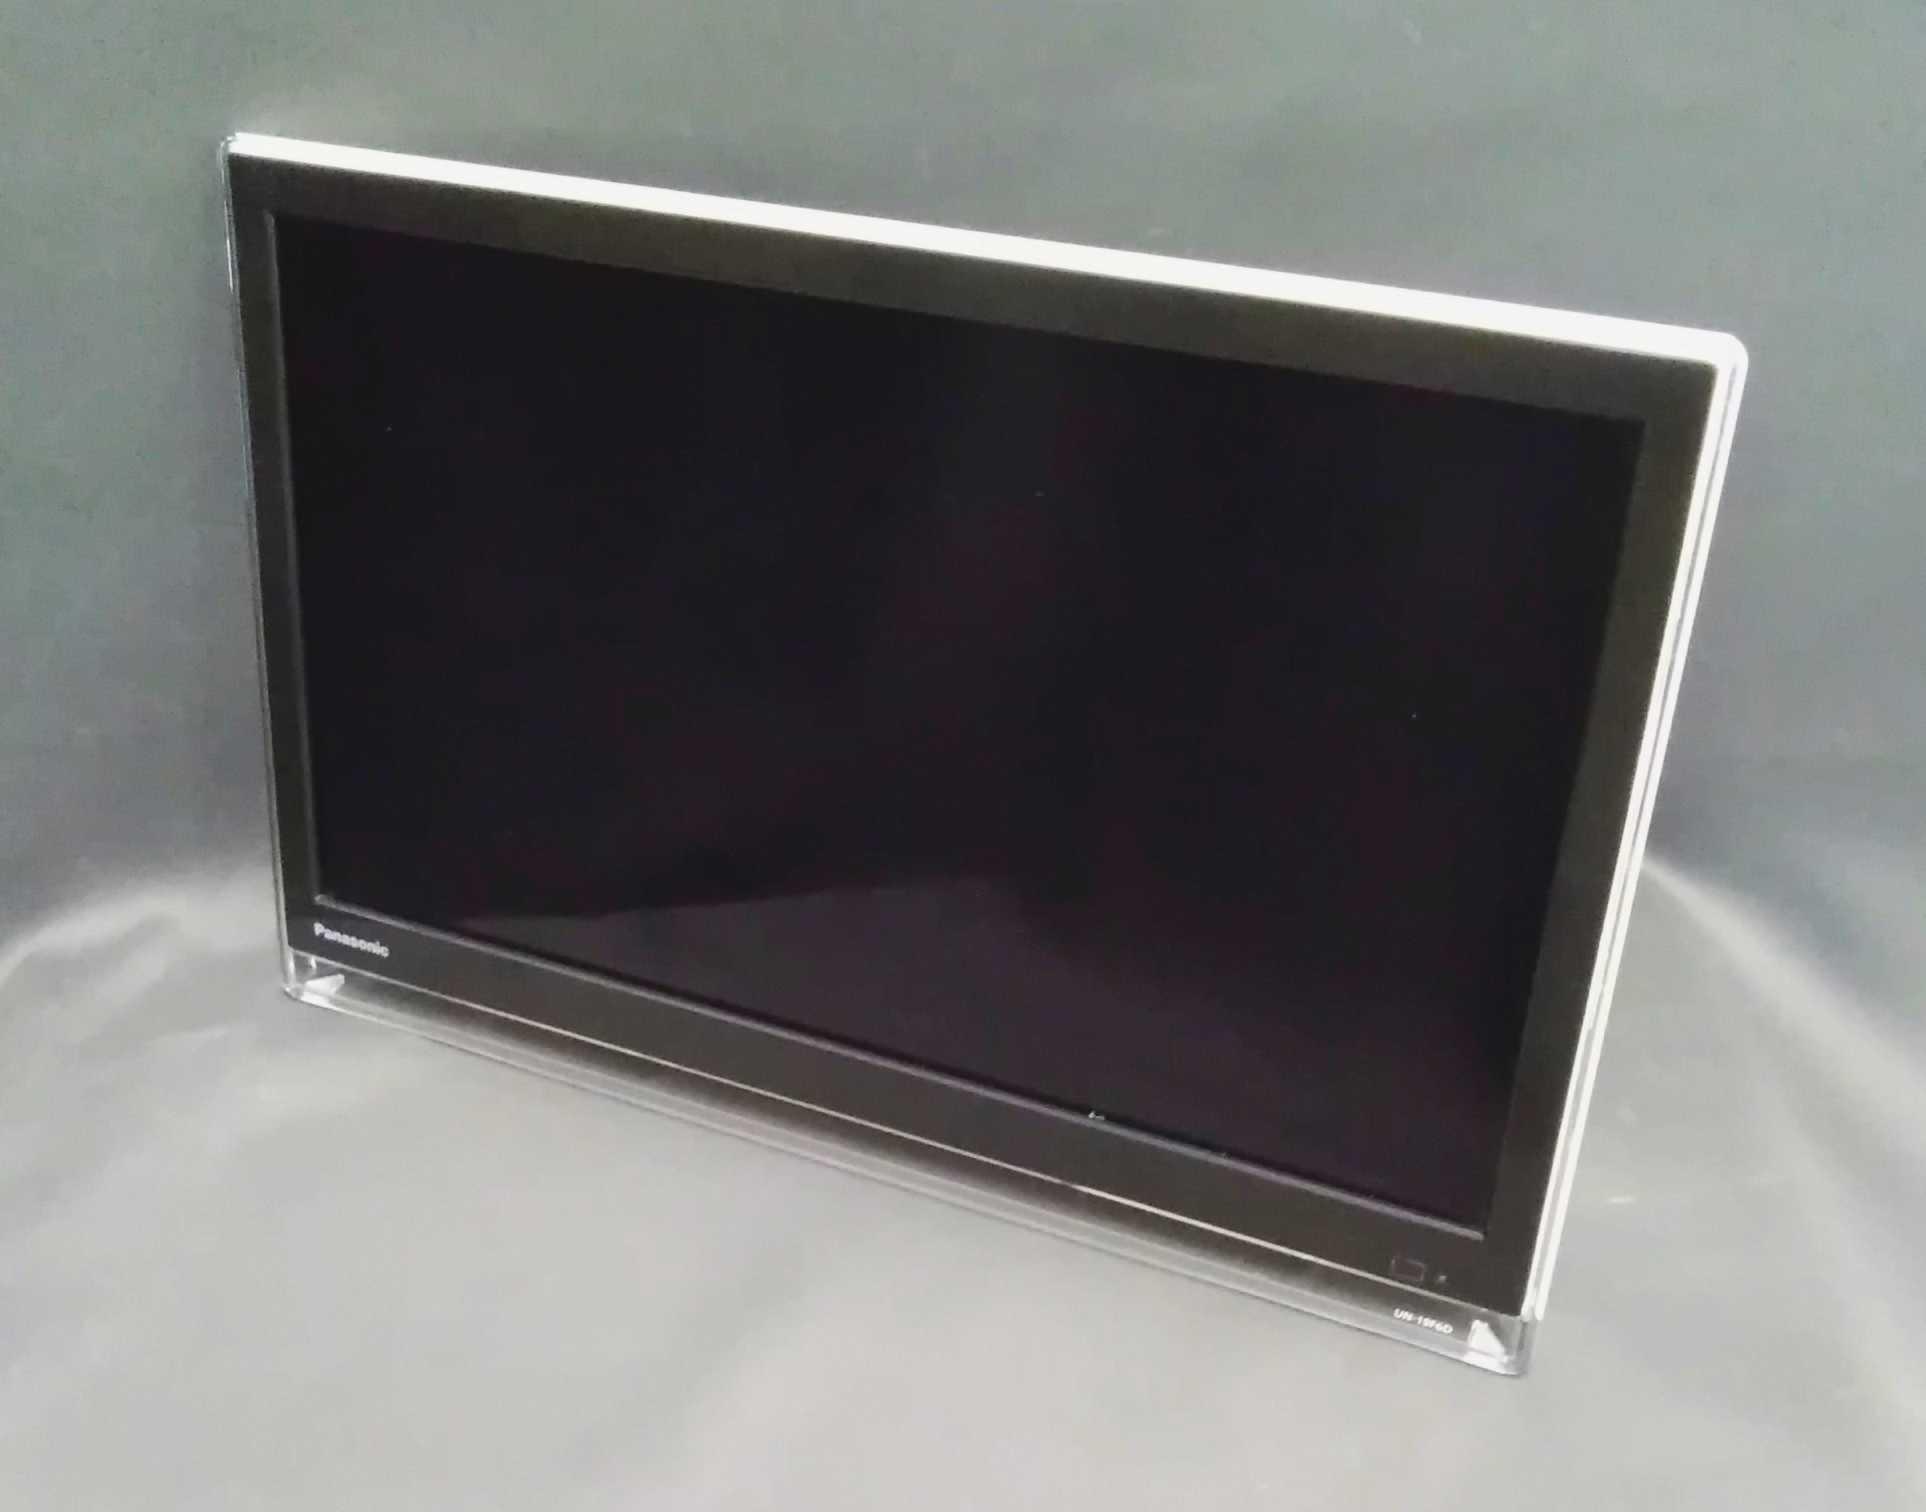 ポータブル液晶テレビ PANASONIC